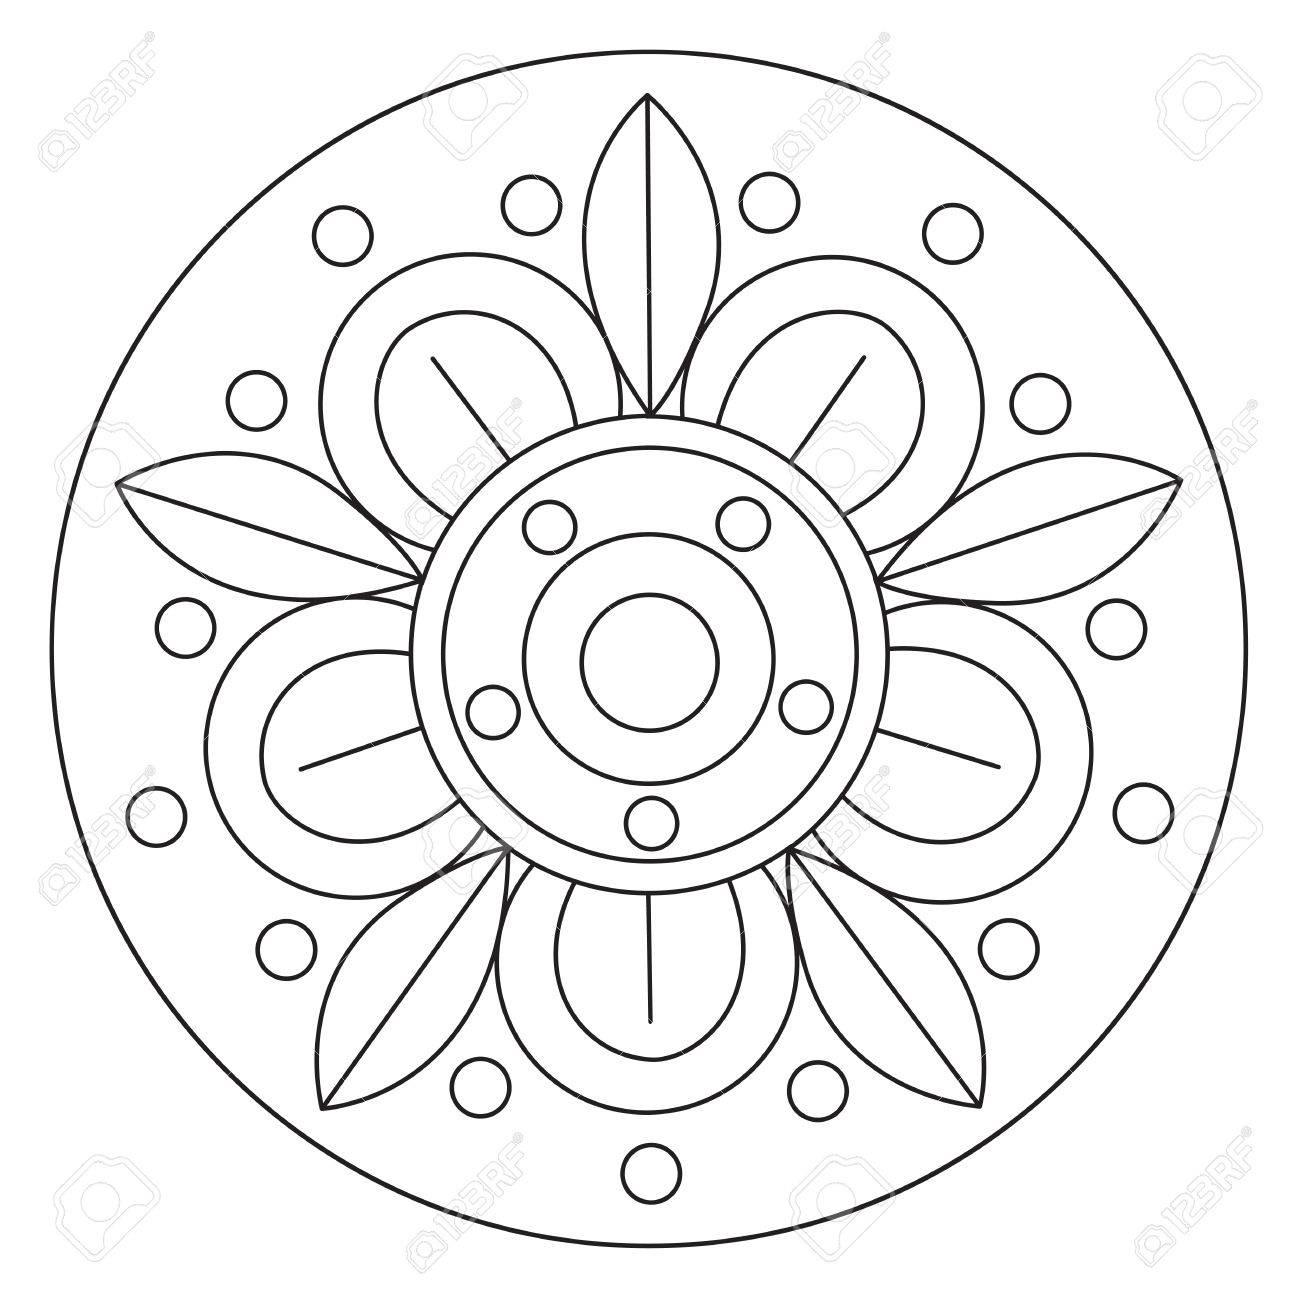 Vector Färbung Einfache Große Blumen-Mandala Für Kinder Lizenzfrei ...